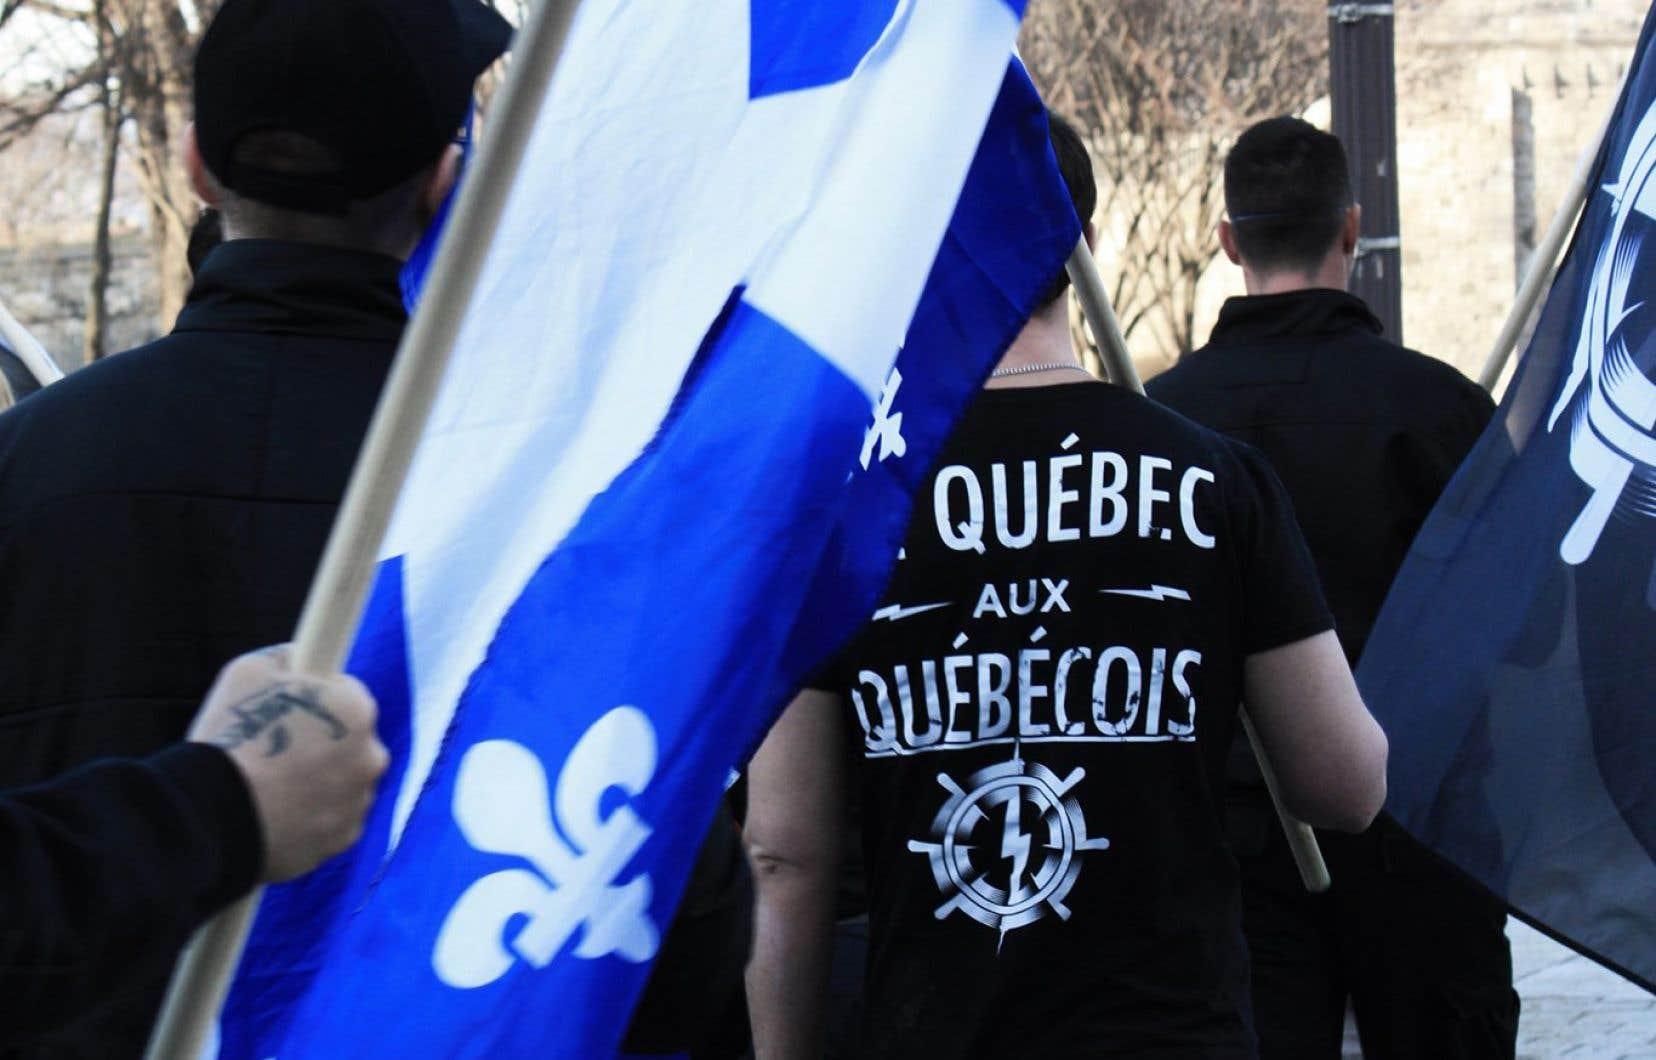 Frédérick Nadeau, candidat au doctorat en études urbaines à l'Institut national de la recherche scientifique (INRS),soutient que l'engagement dans l'extrême droite est vu comme une forme d'«empowerment».